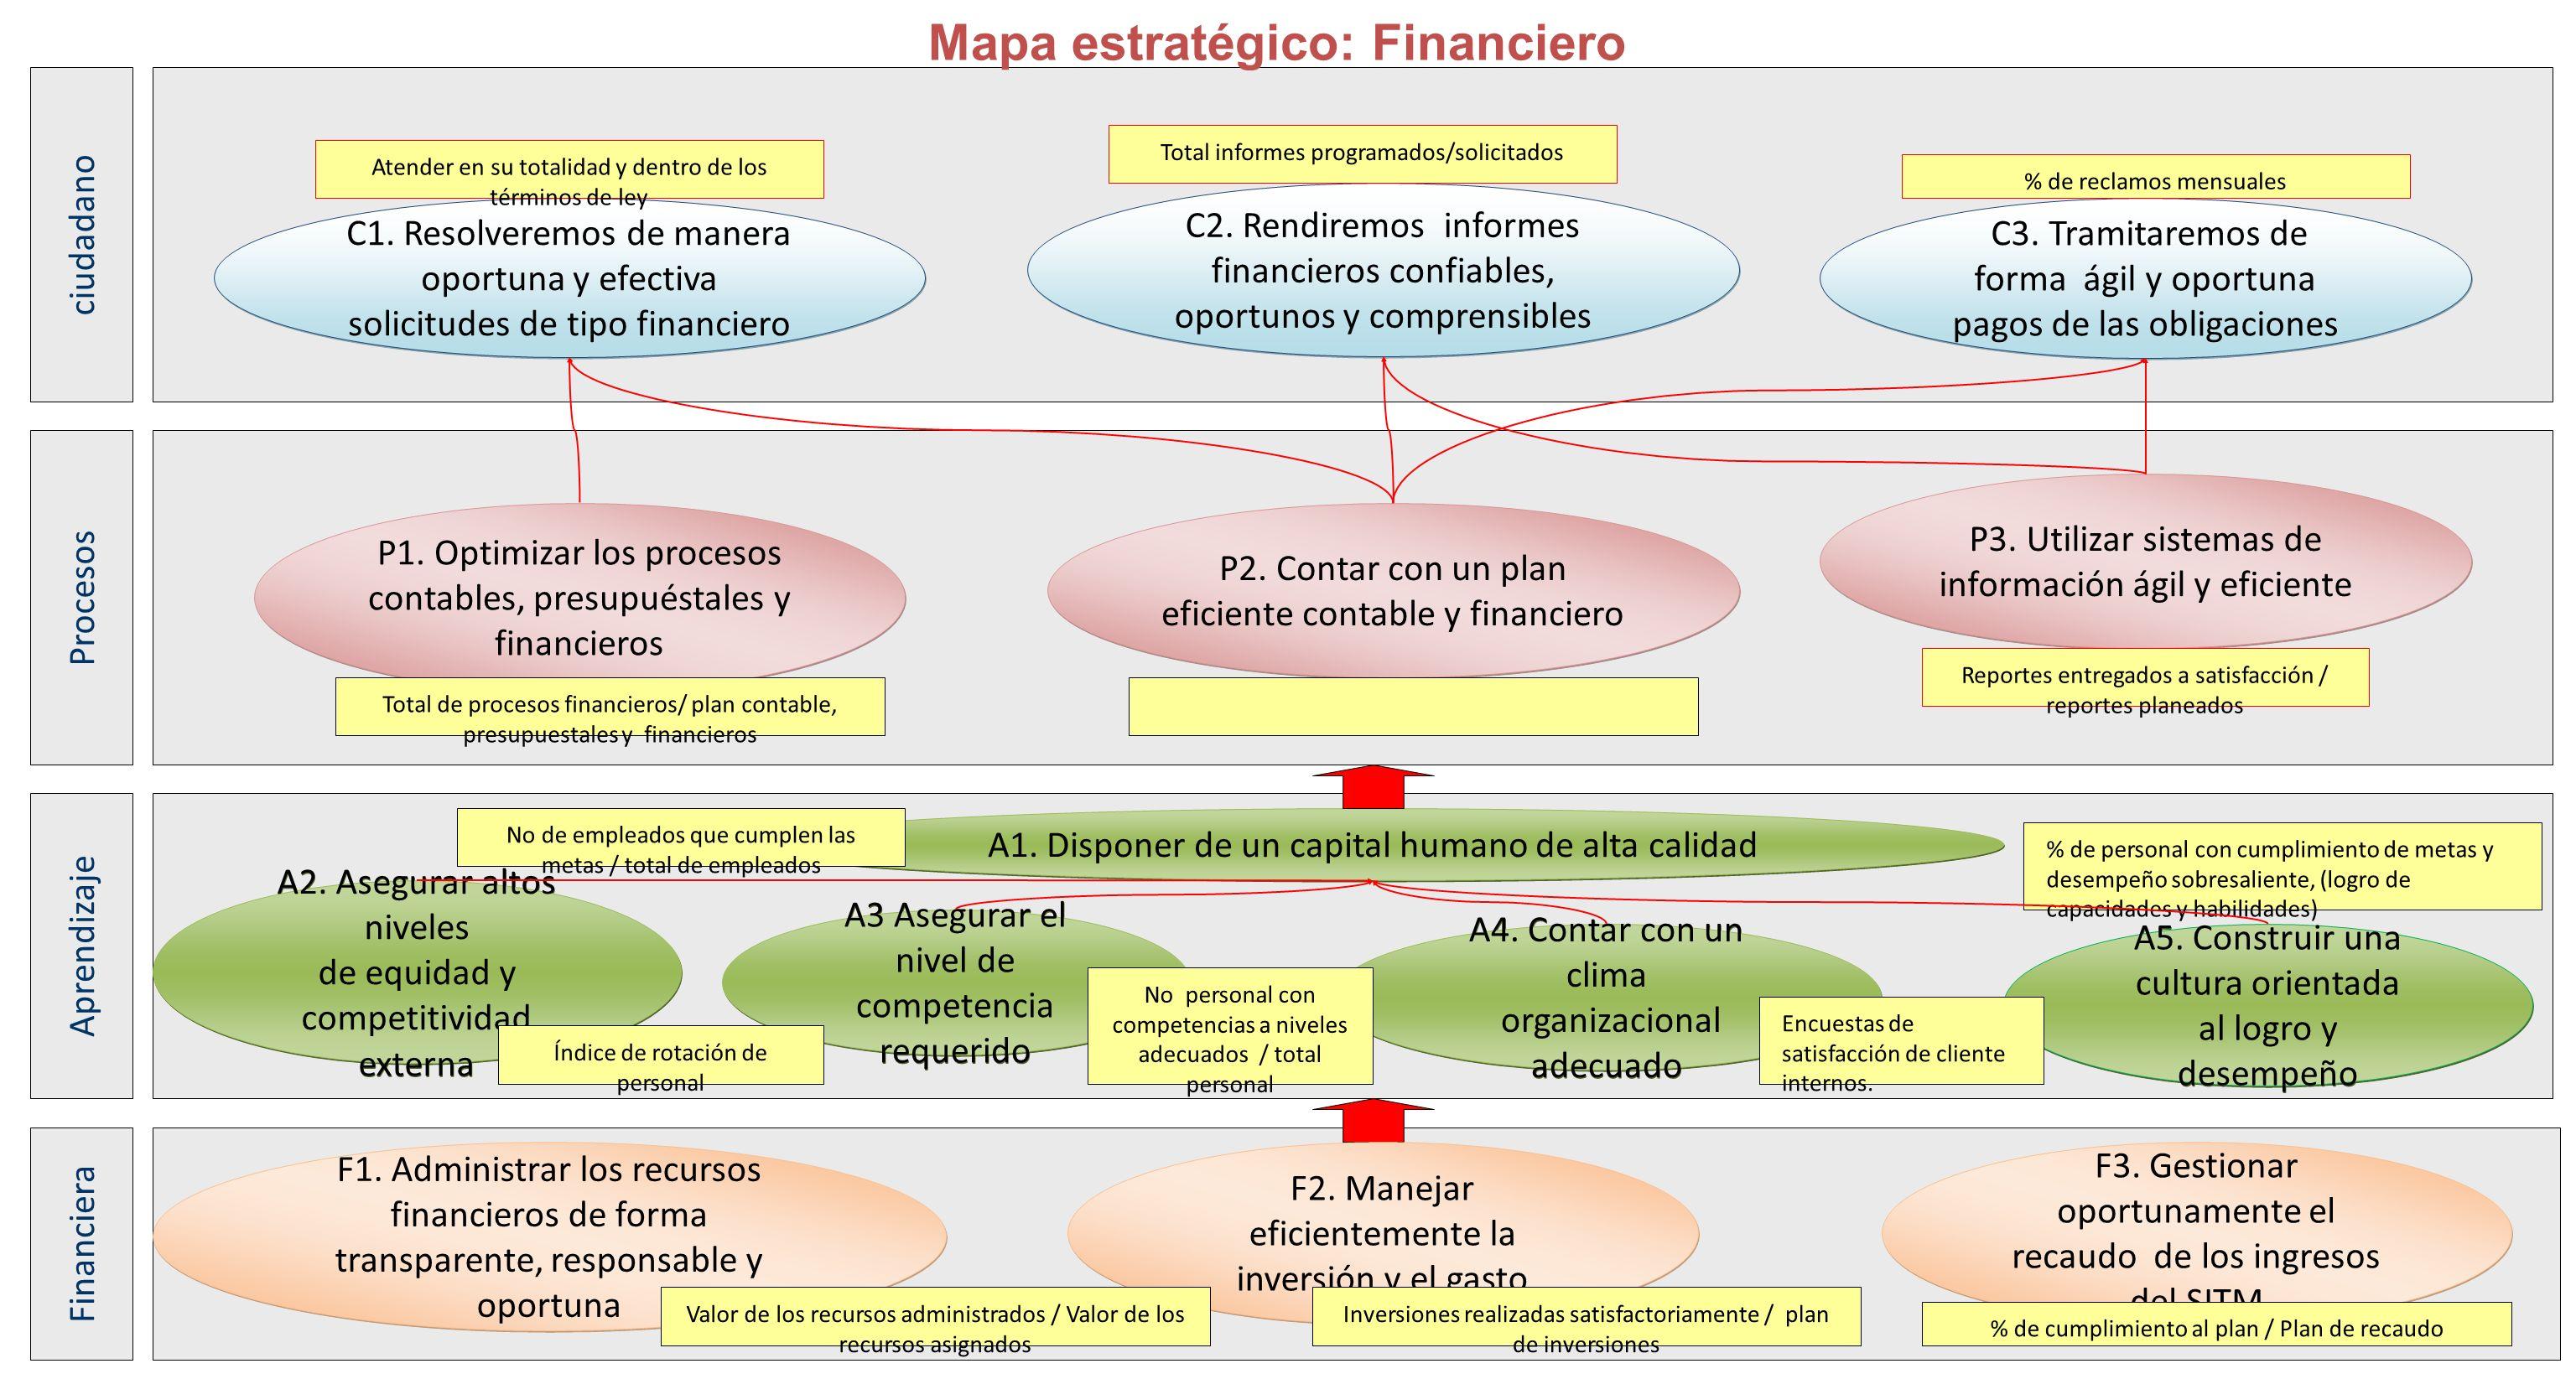 MACROPROCESO DE DESARROLLO SOCIAL DESARROLLO SOCIAL SERVICIO EDUCATIVO SERVICIO DE VIVIENDA SOCIAL SERVICIO DE SALUD PÚBLICA SERVICIO DE DEPORTE Y RECREACIÓN SERVICIOS CULTURALES Y TURÍSTICOS SERVICIOS PÚBLICOS DOMICILIARIOS Gestión del Deporte Gestión de Recreación y tiempo libre Gestión del marketing social y deportivo Objetivo: Garantizar a la comunidad el acceso a los bienes y servicios sociales consagrados en la Constitución Nacional, para contribuir al bienestar y al desarrollo integral de la población del Municipio de Santiago de Cali.